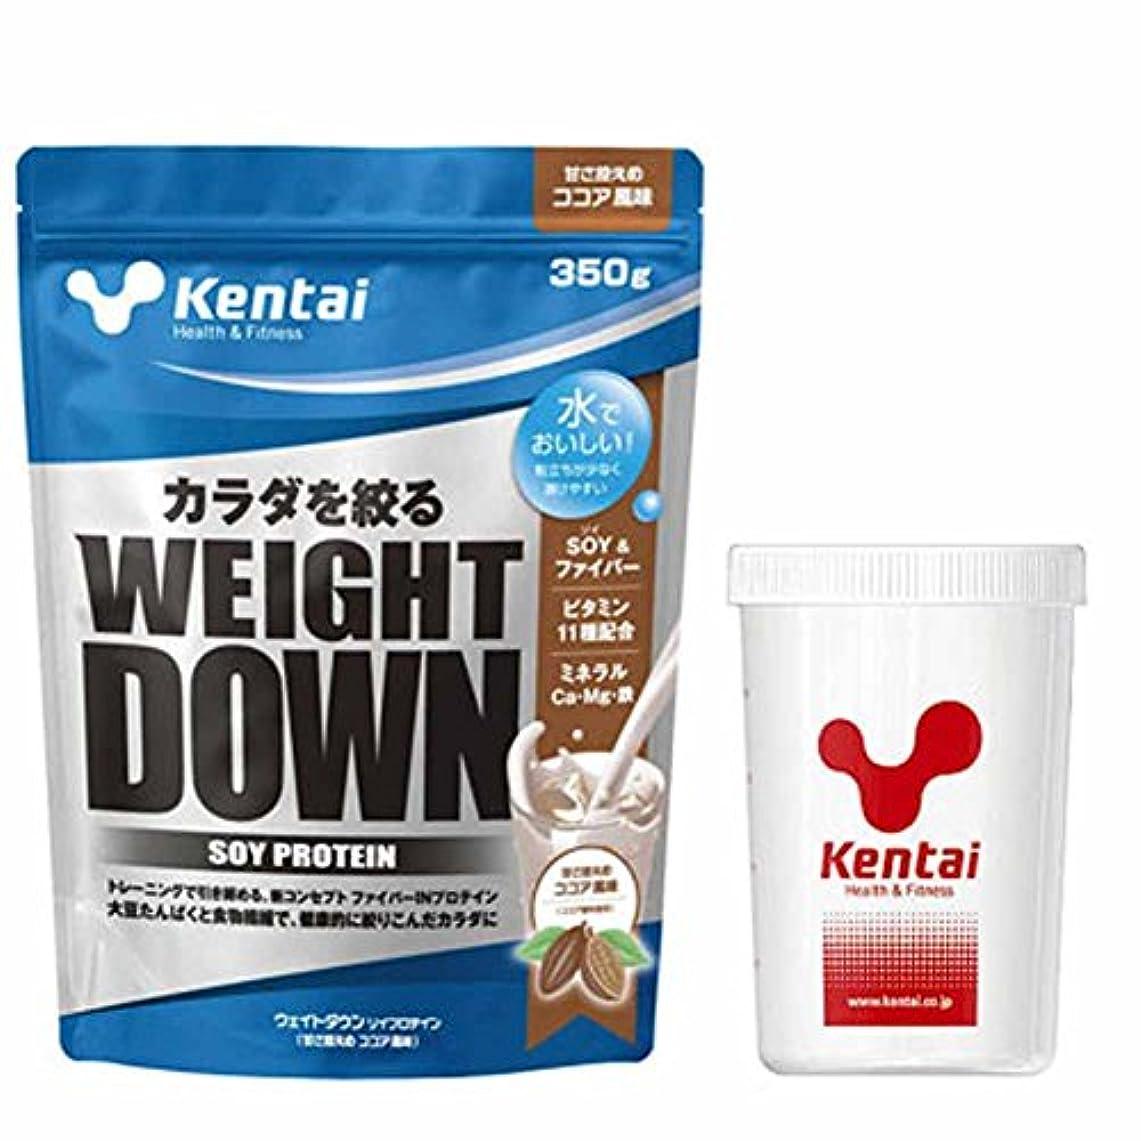 受け入れるミシン目変化Kentai(ケンタイ) ウエイトダウンSOYプロテイン ココア風味+Kentaiプロテインシェーカーセット K1140-K005